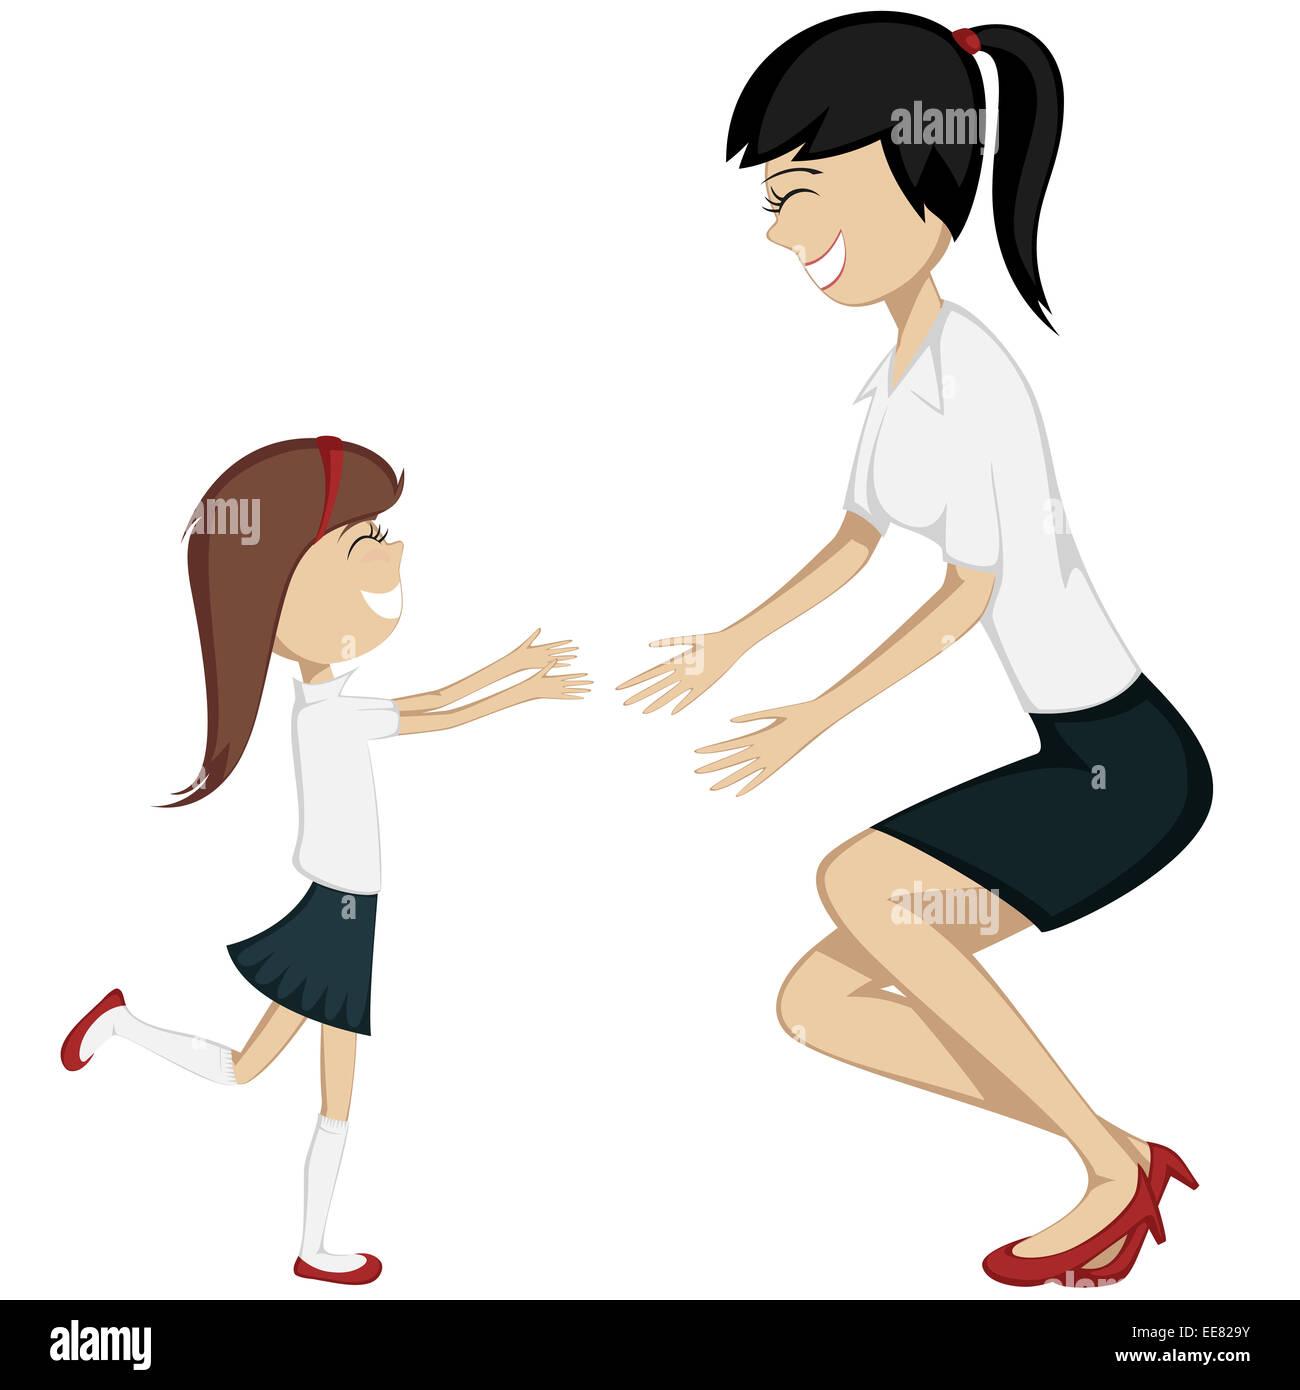 Abbraccio La Tua Mamma Colorata E Dettagliata Di Cartoon Stile Arte Con Una Ragazza Bunette In Camicetta Gonna Marcia Verso Sua Madre